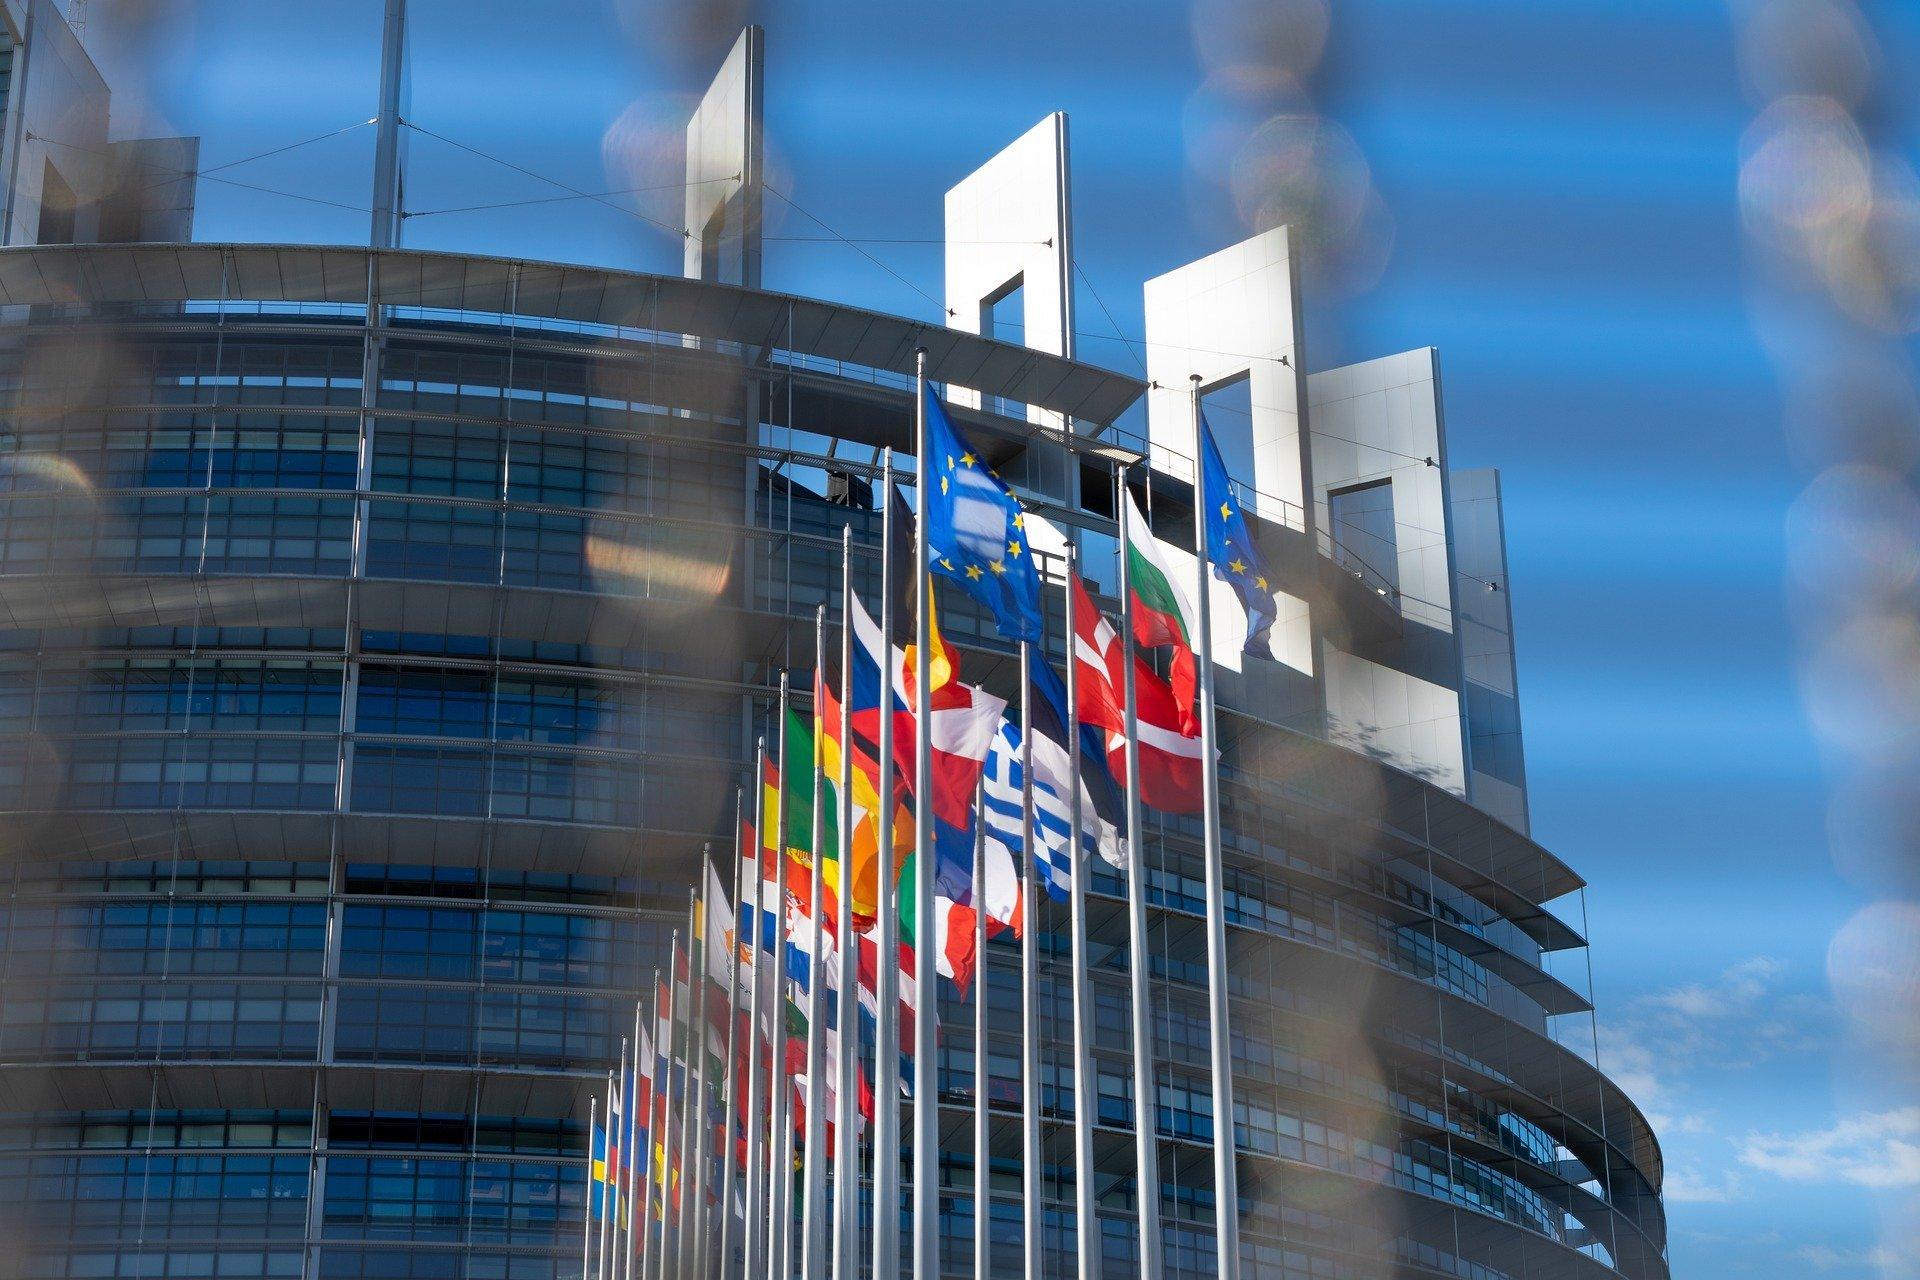 Wir brauchen mehr europäischen Ehrgeiz